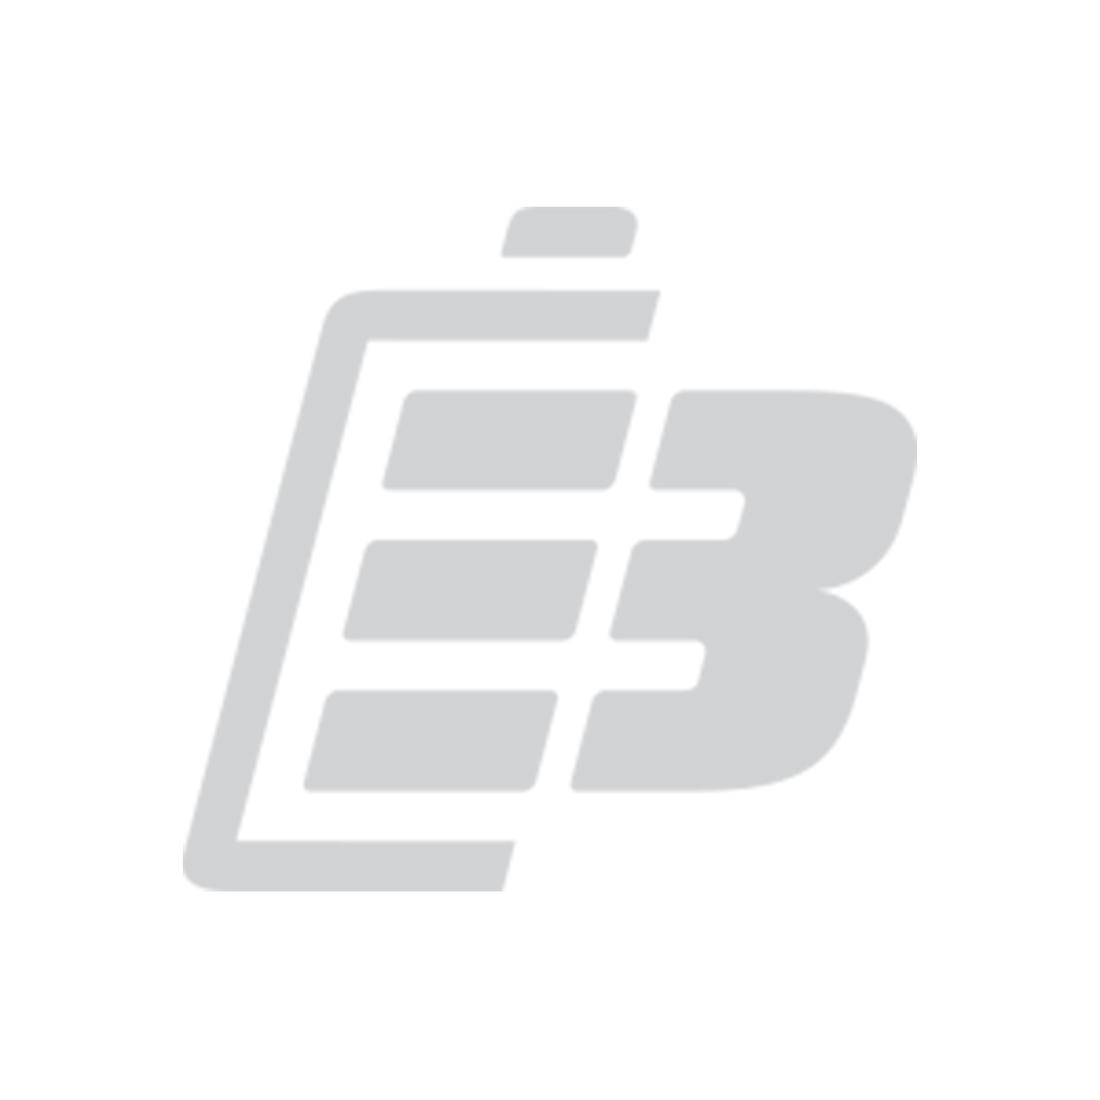 Μπαταρία κινητού τηλεφώνου Samsung E830_1